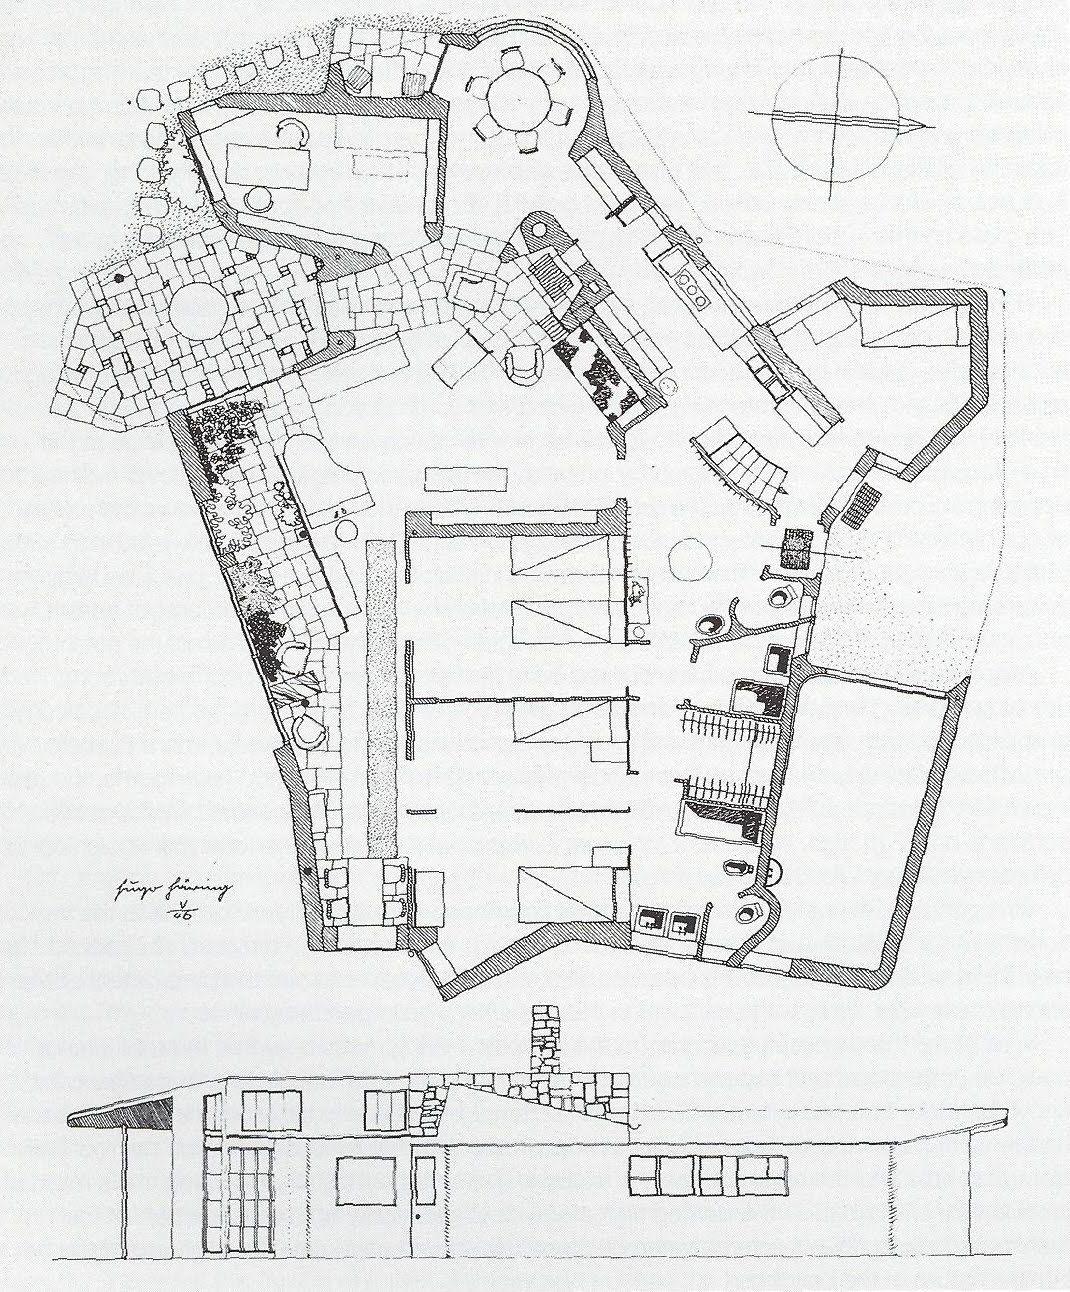 Unbuilt House